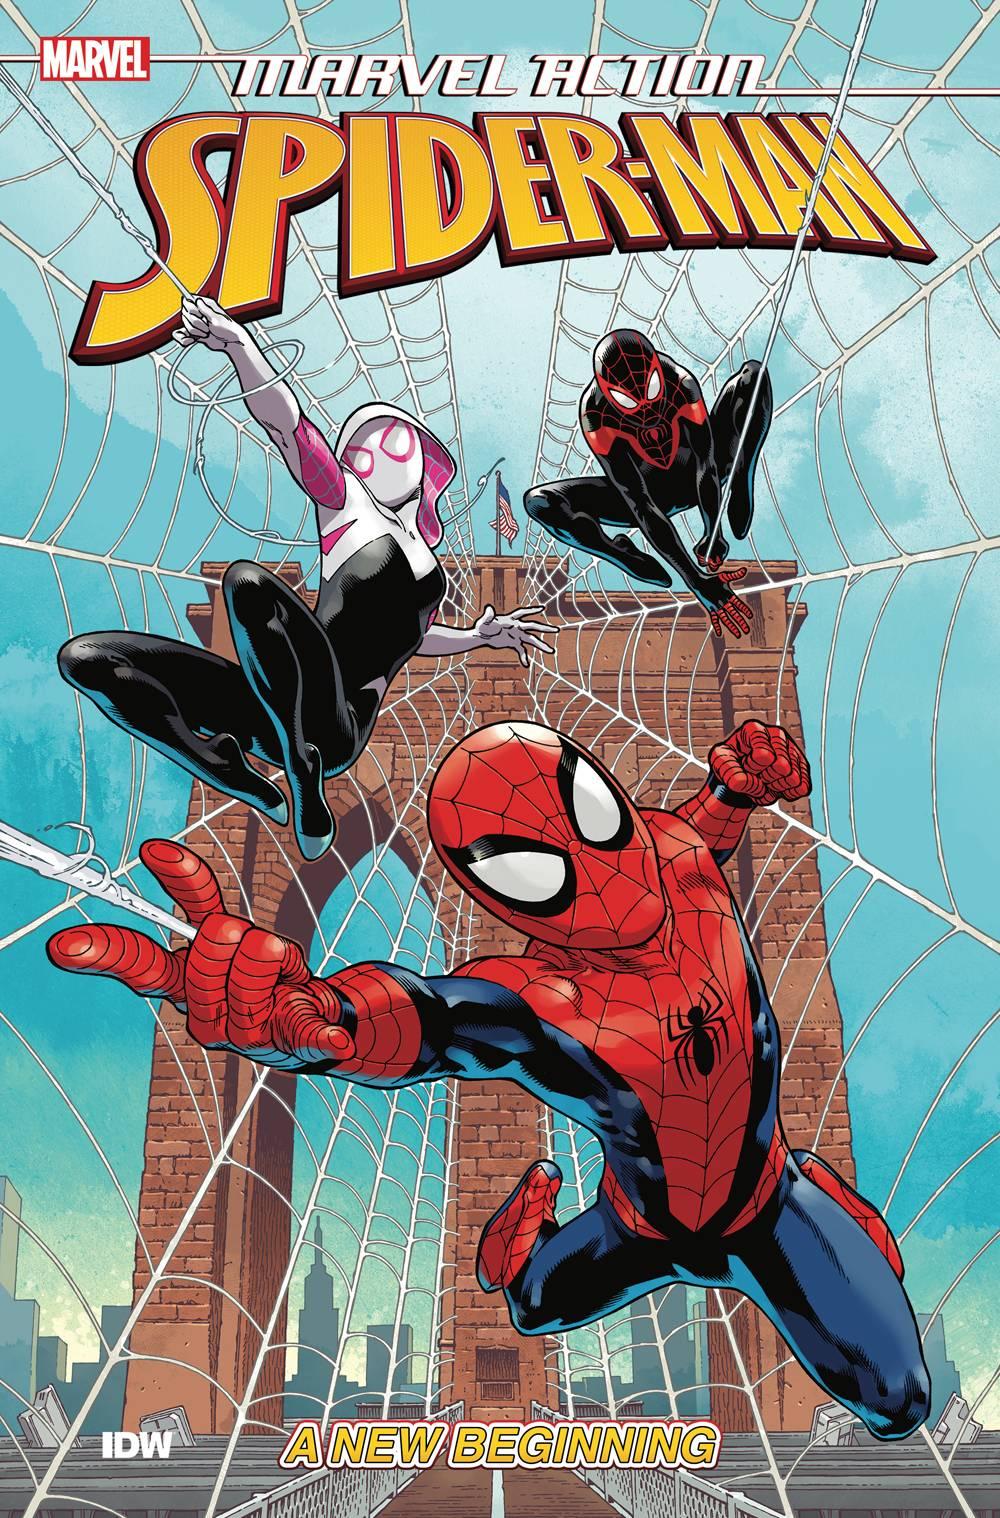 Marvel Action Spider-Man TP Vol. 1 New Beginning